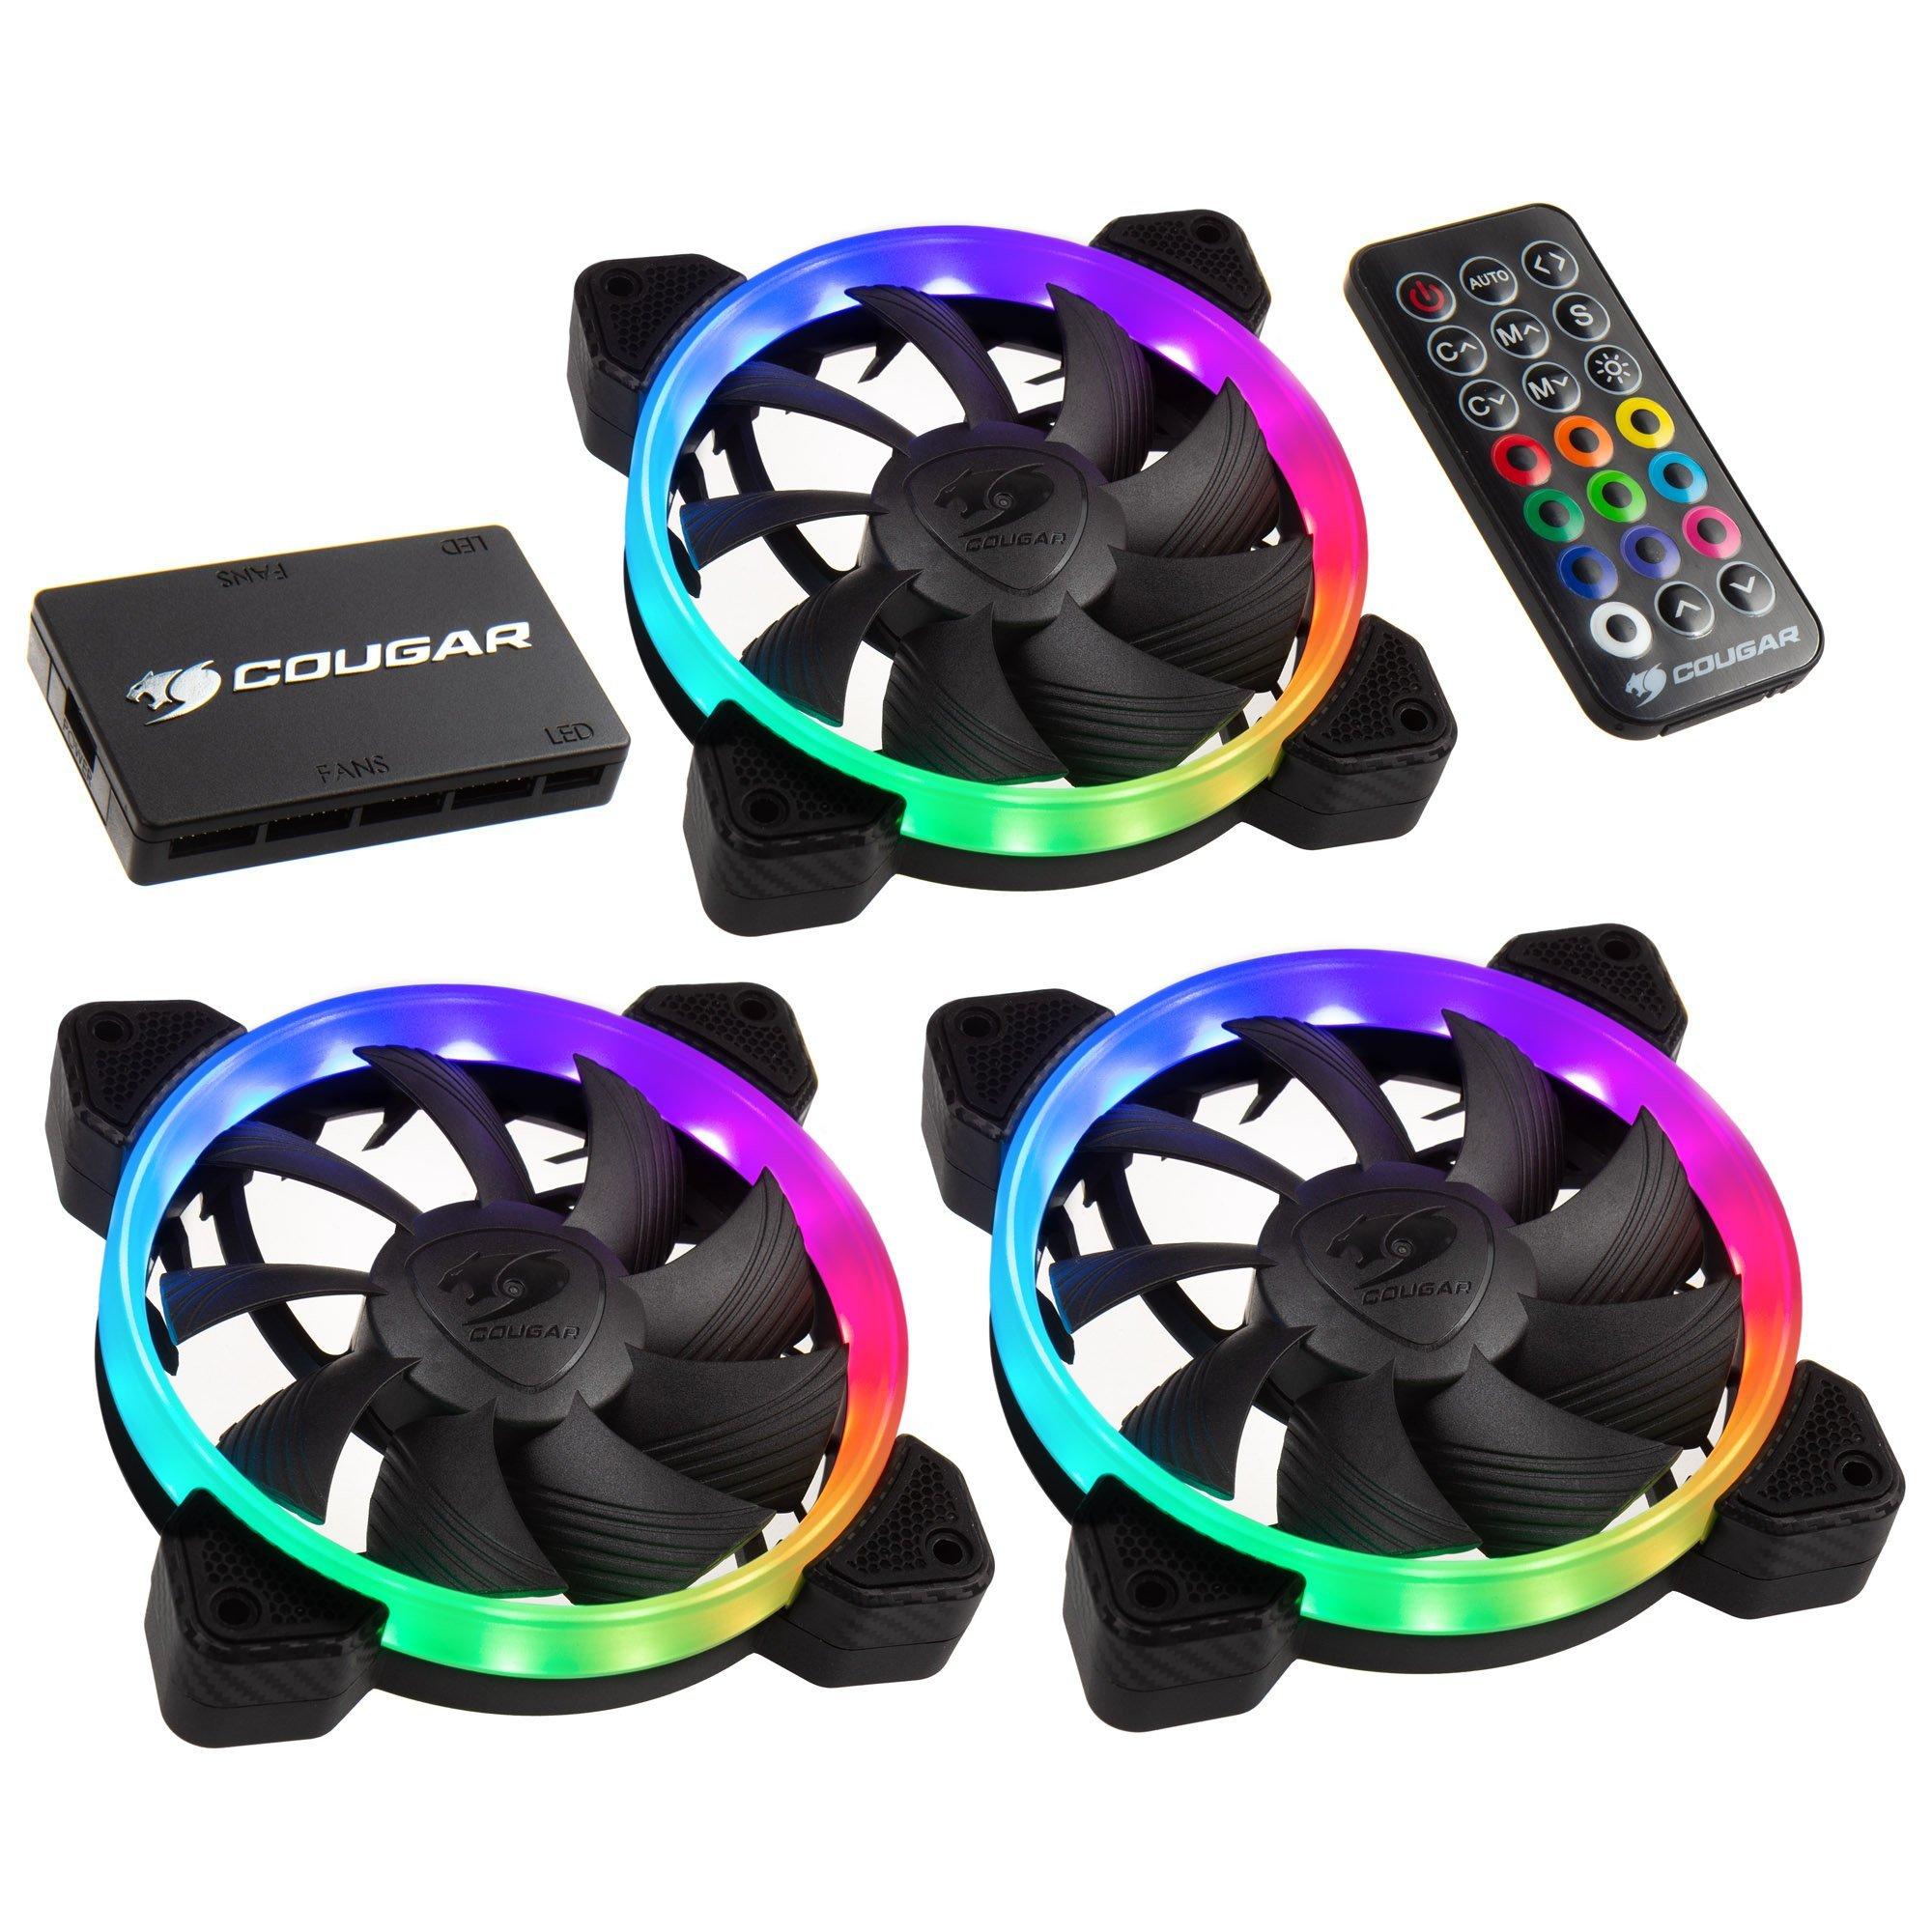 Cougar - Kit de refrigeración HPB RGB con 3 Ventiladores + Caja Core LED + Mando a Distancia: Amazon.es: Informática